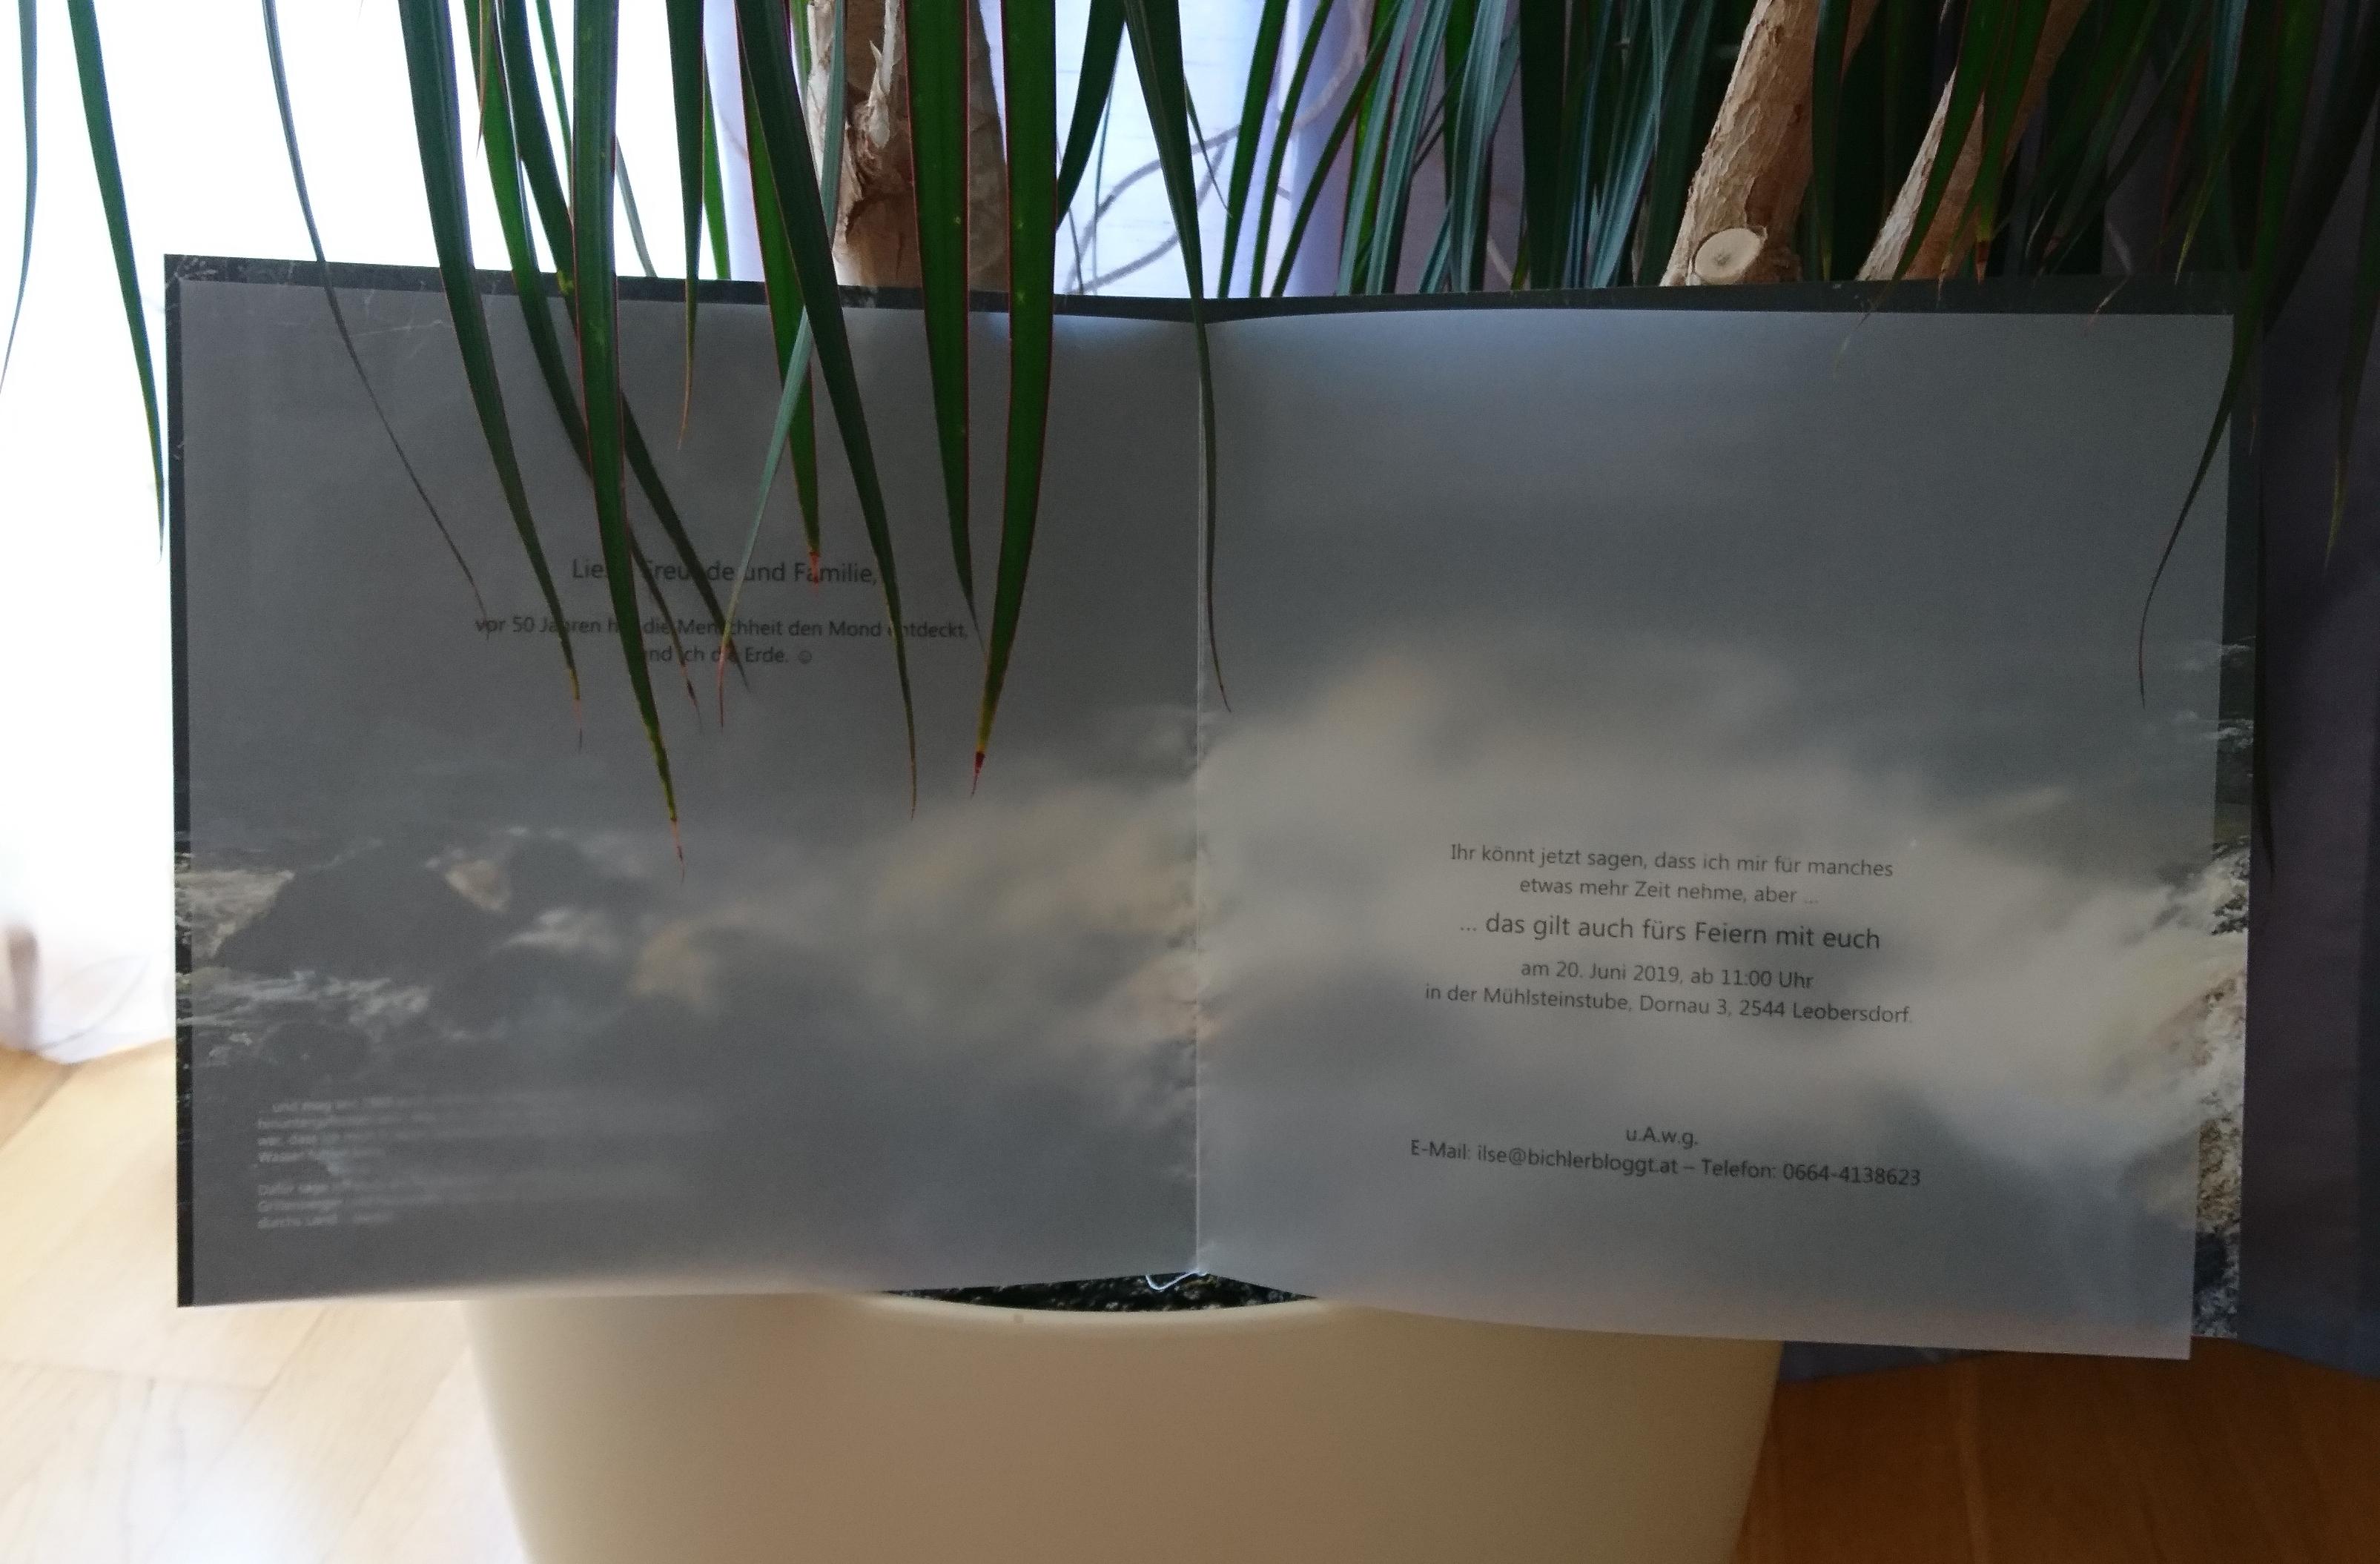 Ein transparentes Einlageblatt